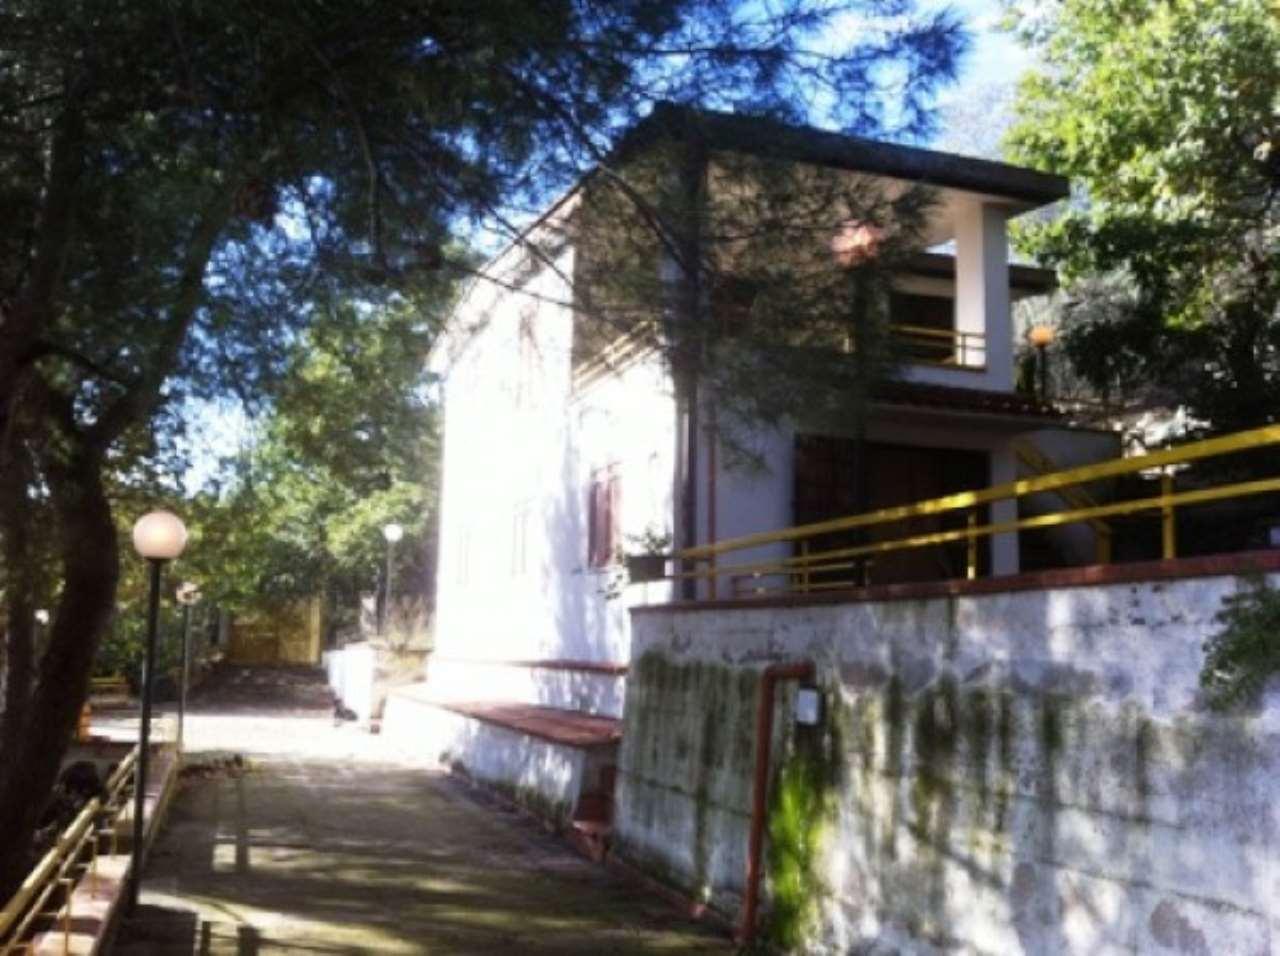 Villa in vendita a Roccarainola, 6 locali, prezzo € 155.000 | CambioCasa.it